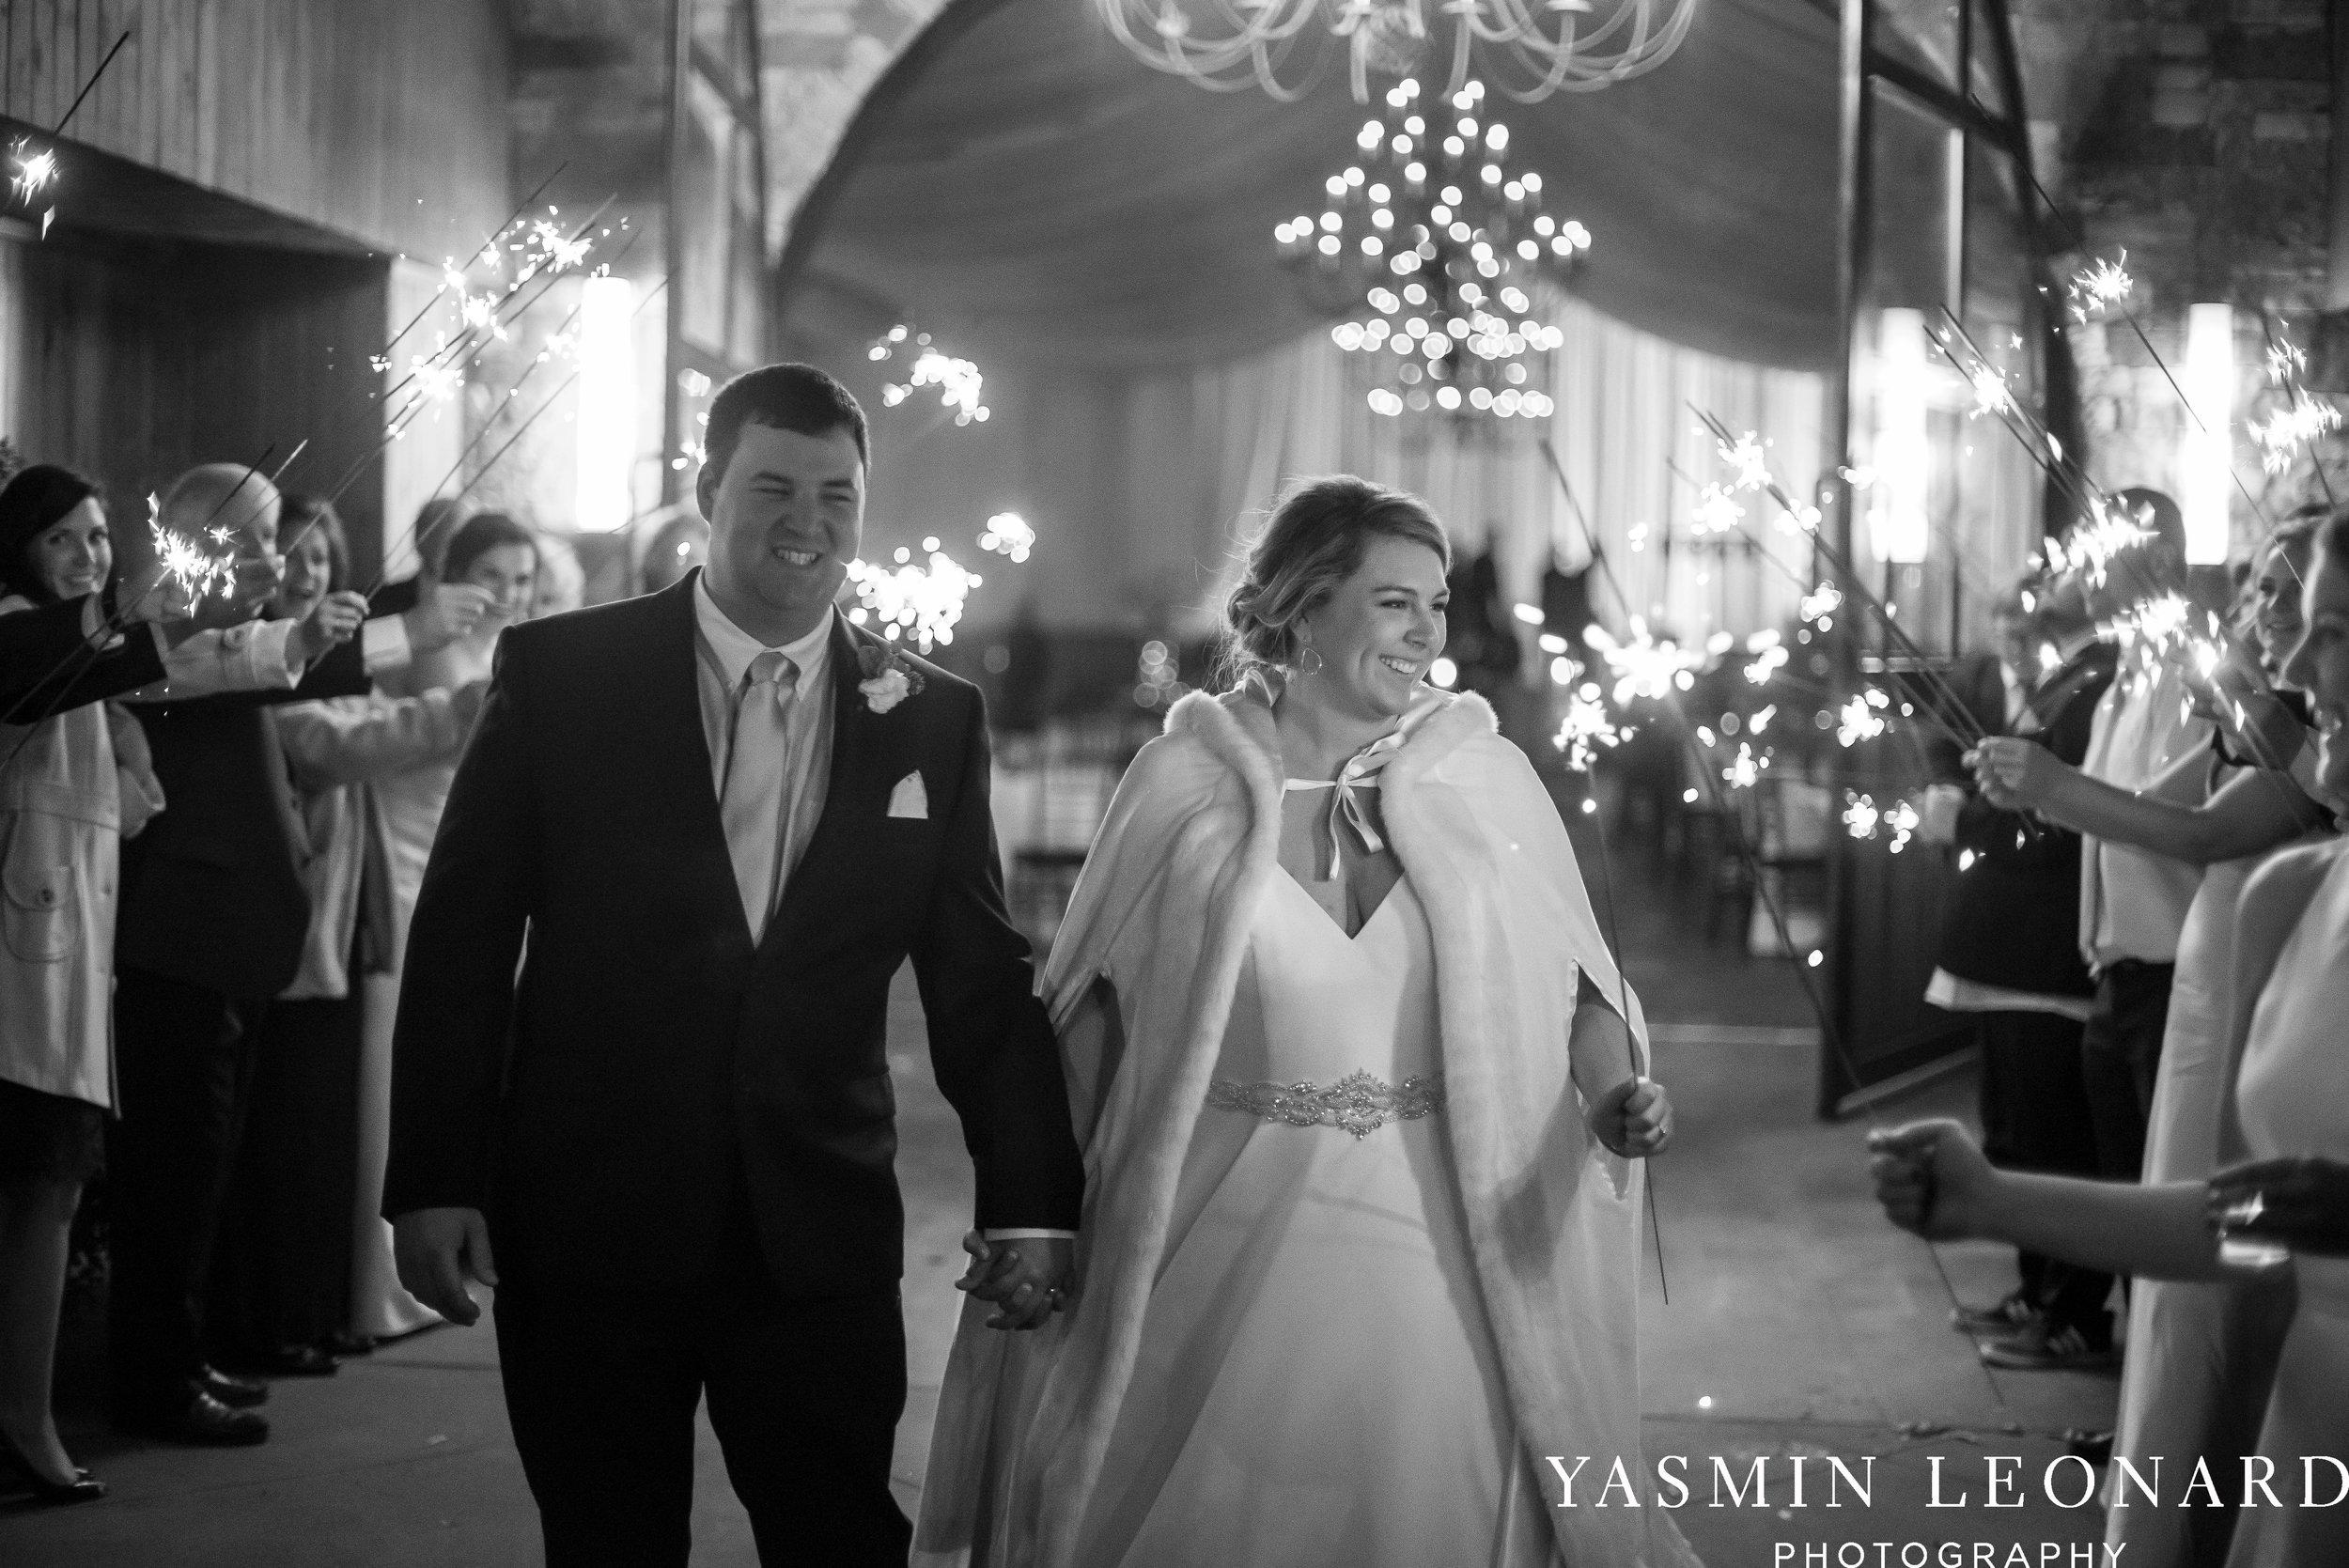 Adaumont Farm - Wesley Memorial Weddings - High Point Weddings - Just Priceless - NC Wedding Photographer - Yasmin Leonard Photography - High Point Wedding Vendors-78.jpg